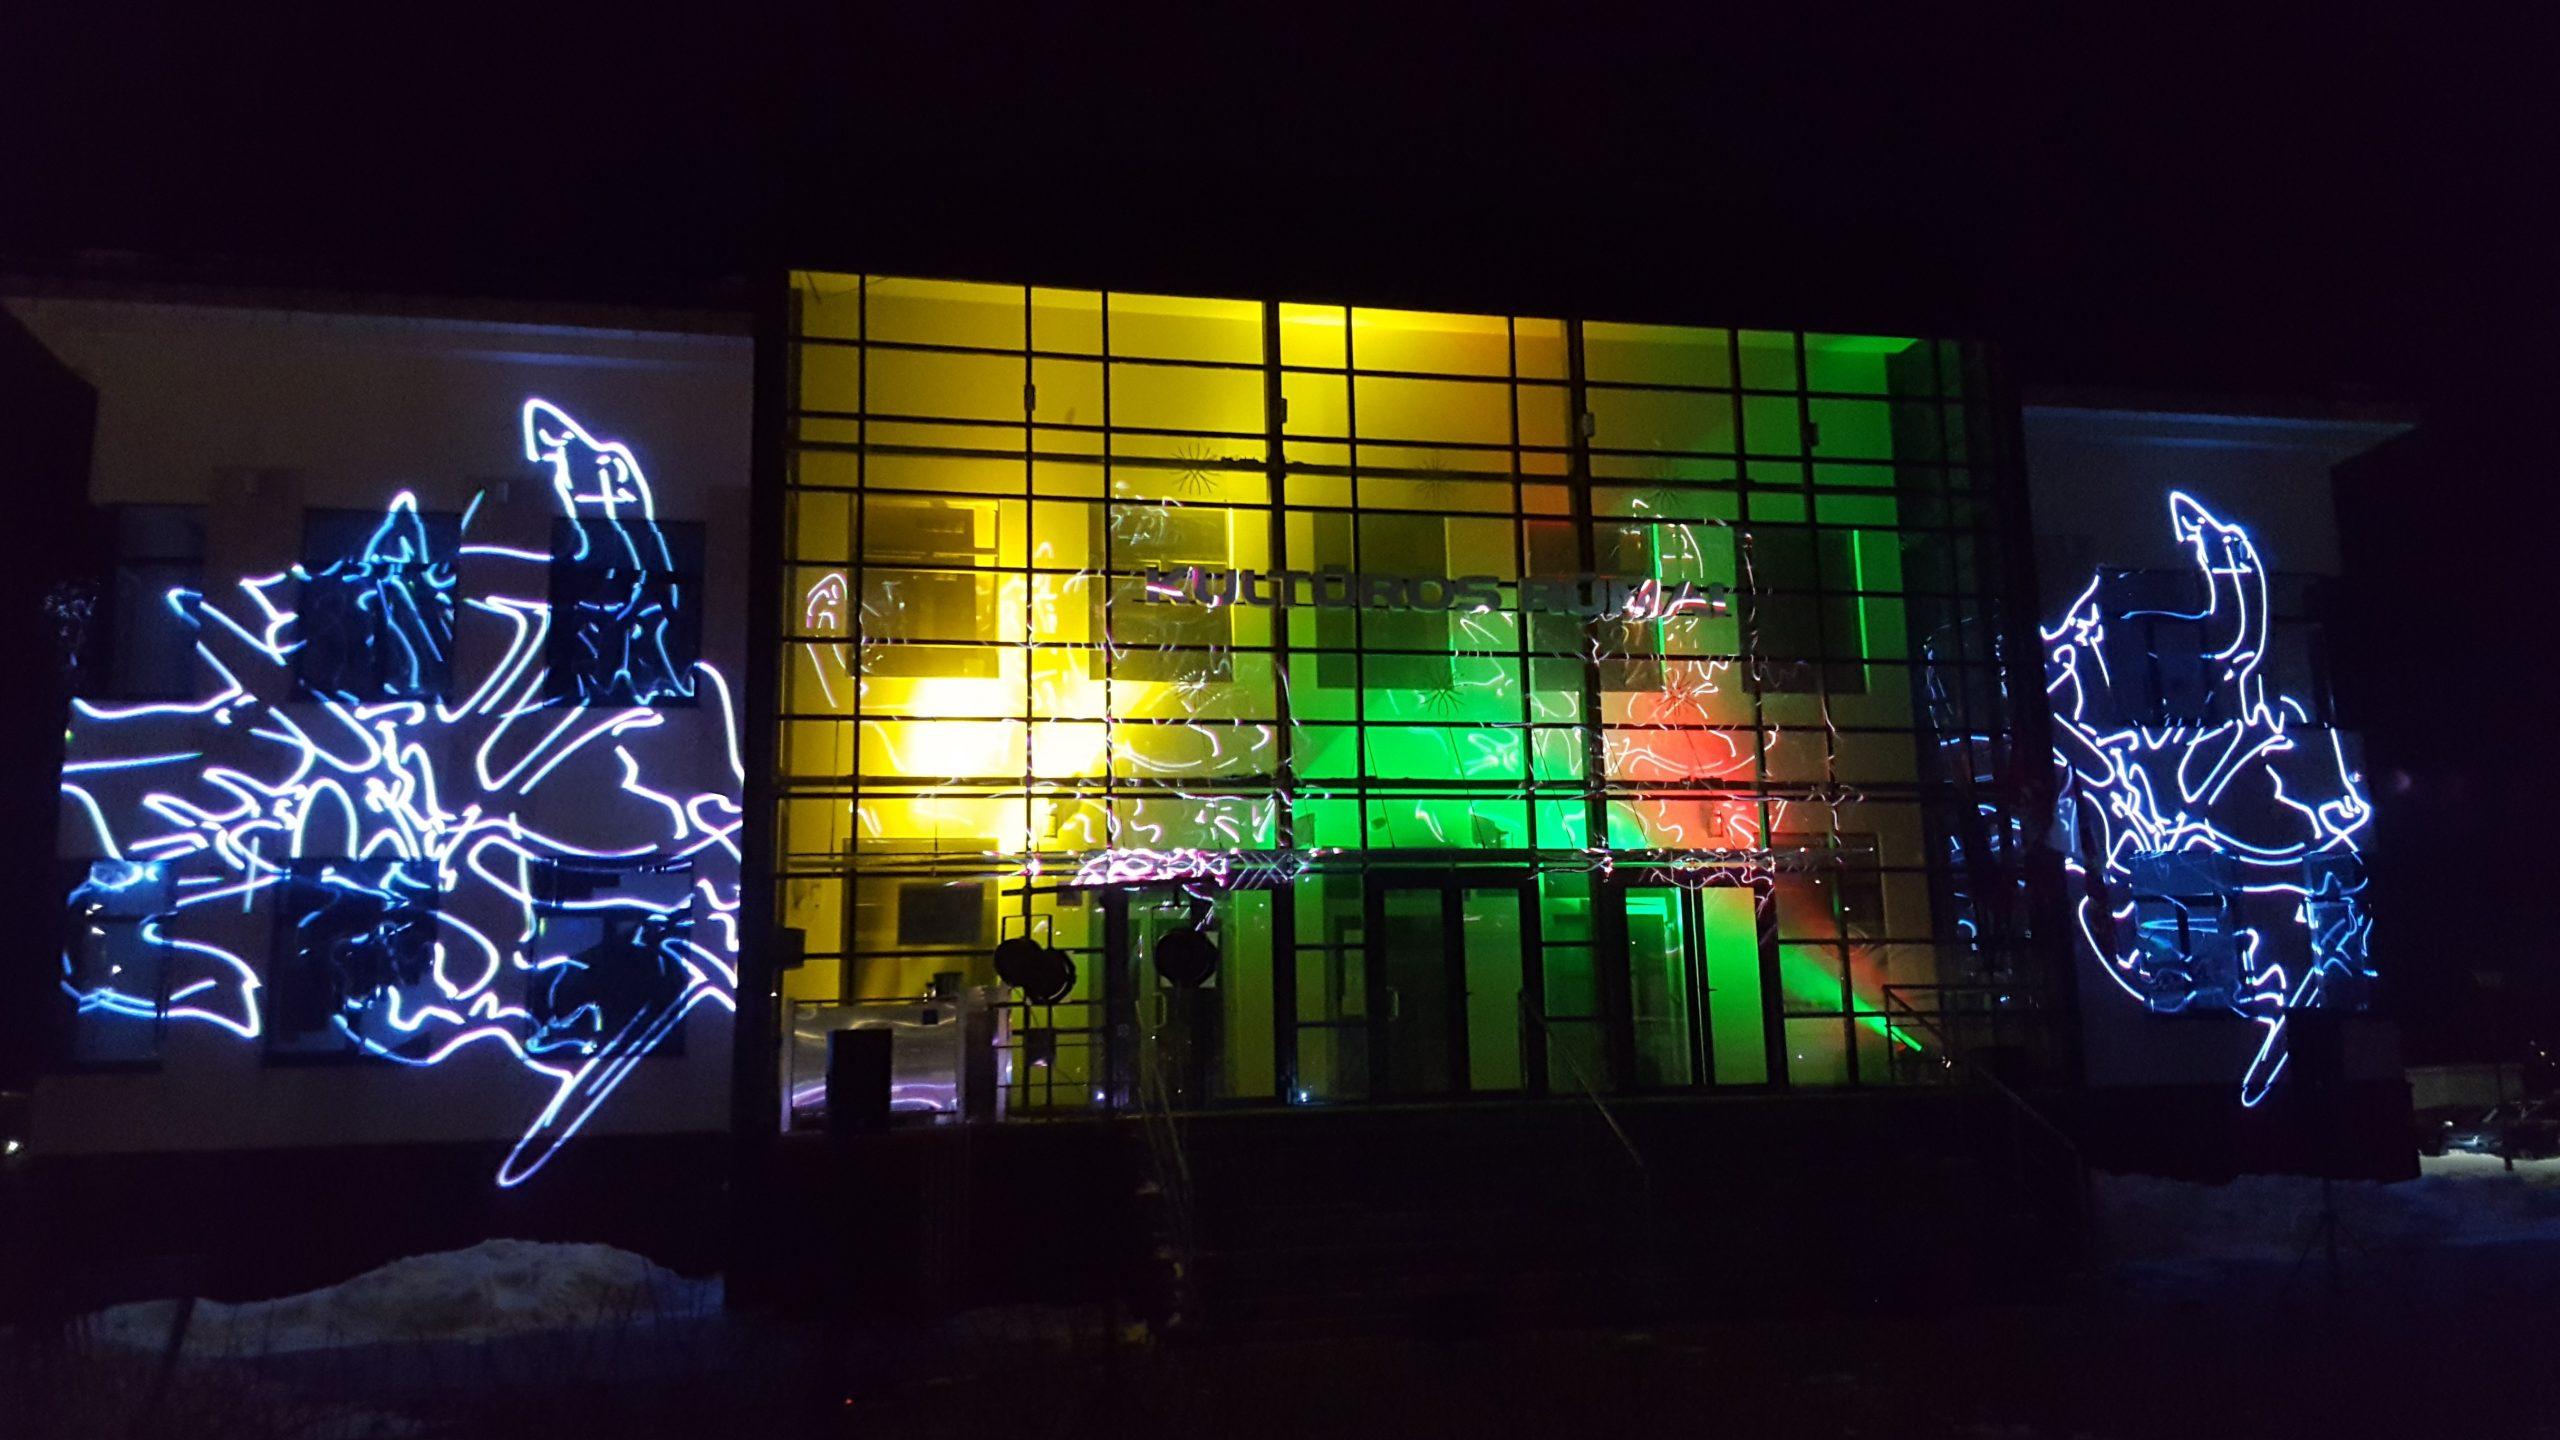 2021-02-16 Tauragės kultūros centras šventiškai minėjo Lietuvos Valstybės atkūrimo dieną